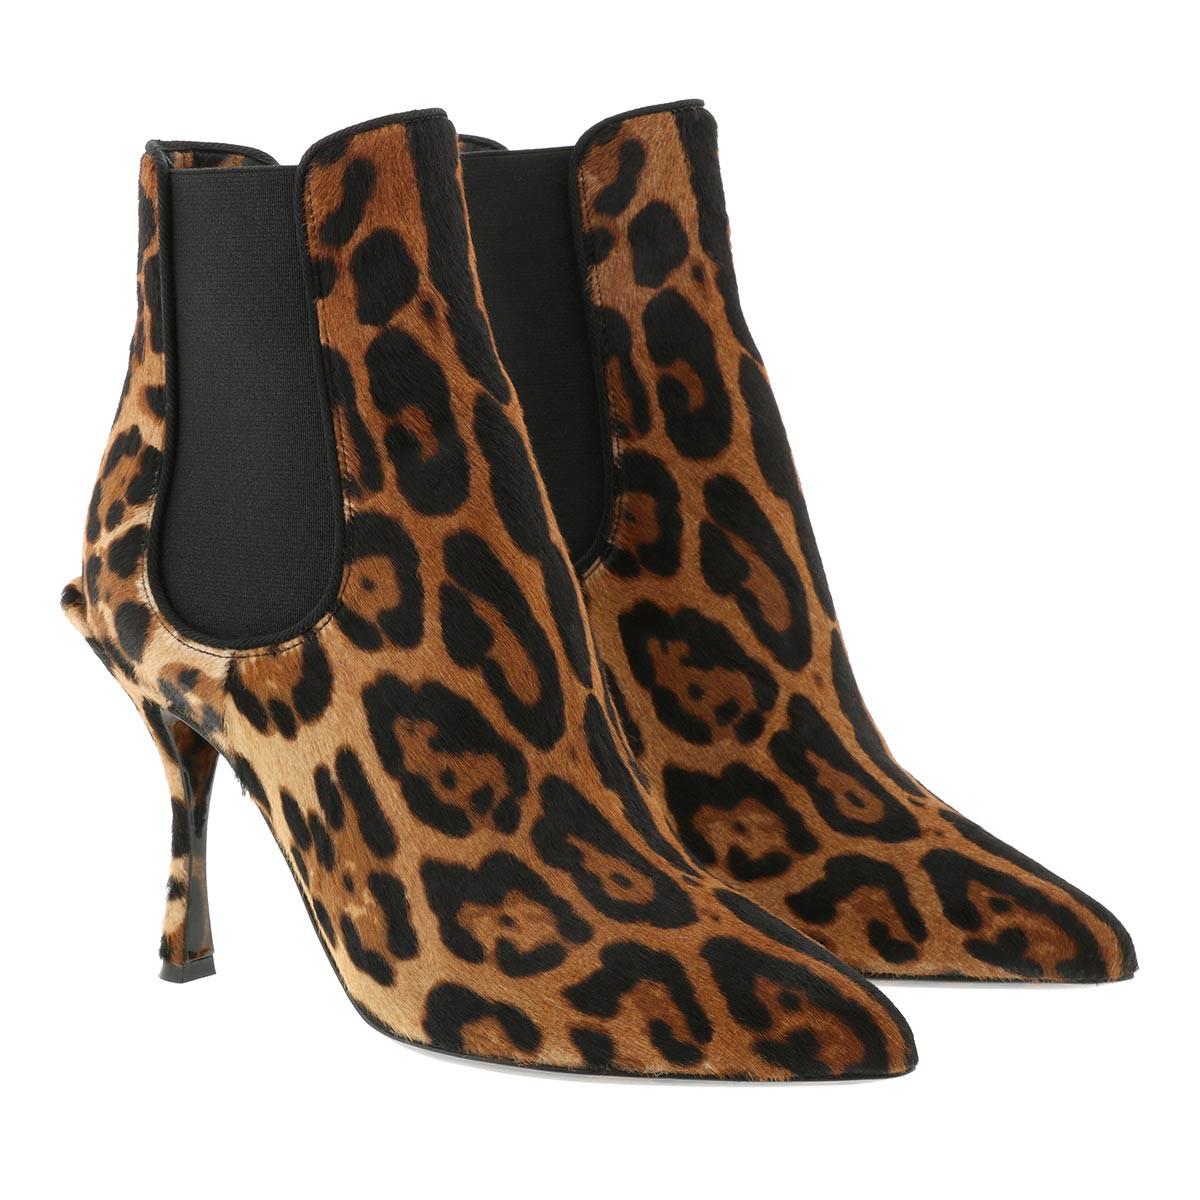 Dolce&Gabbana Boots - Leopard Booties Brown - in braun - für Damen